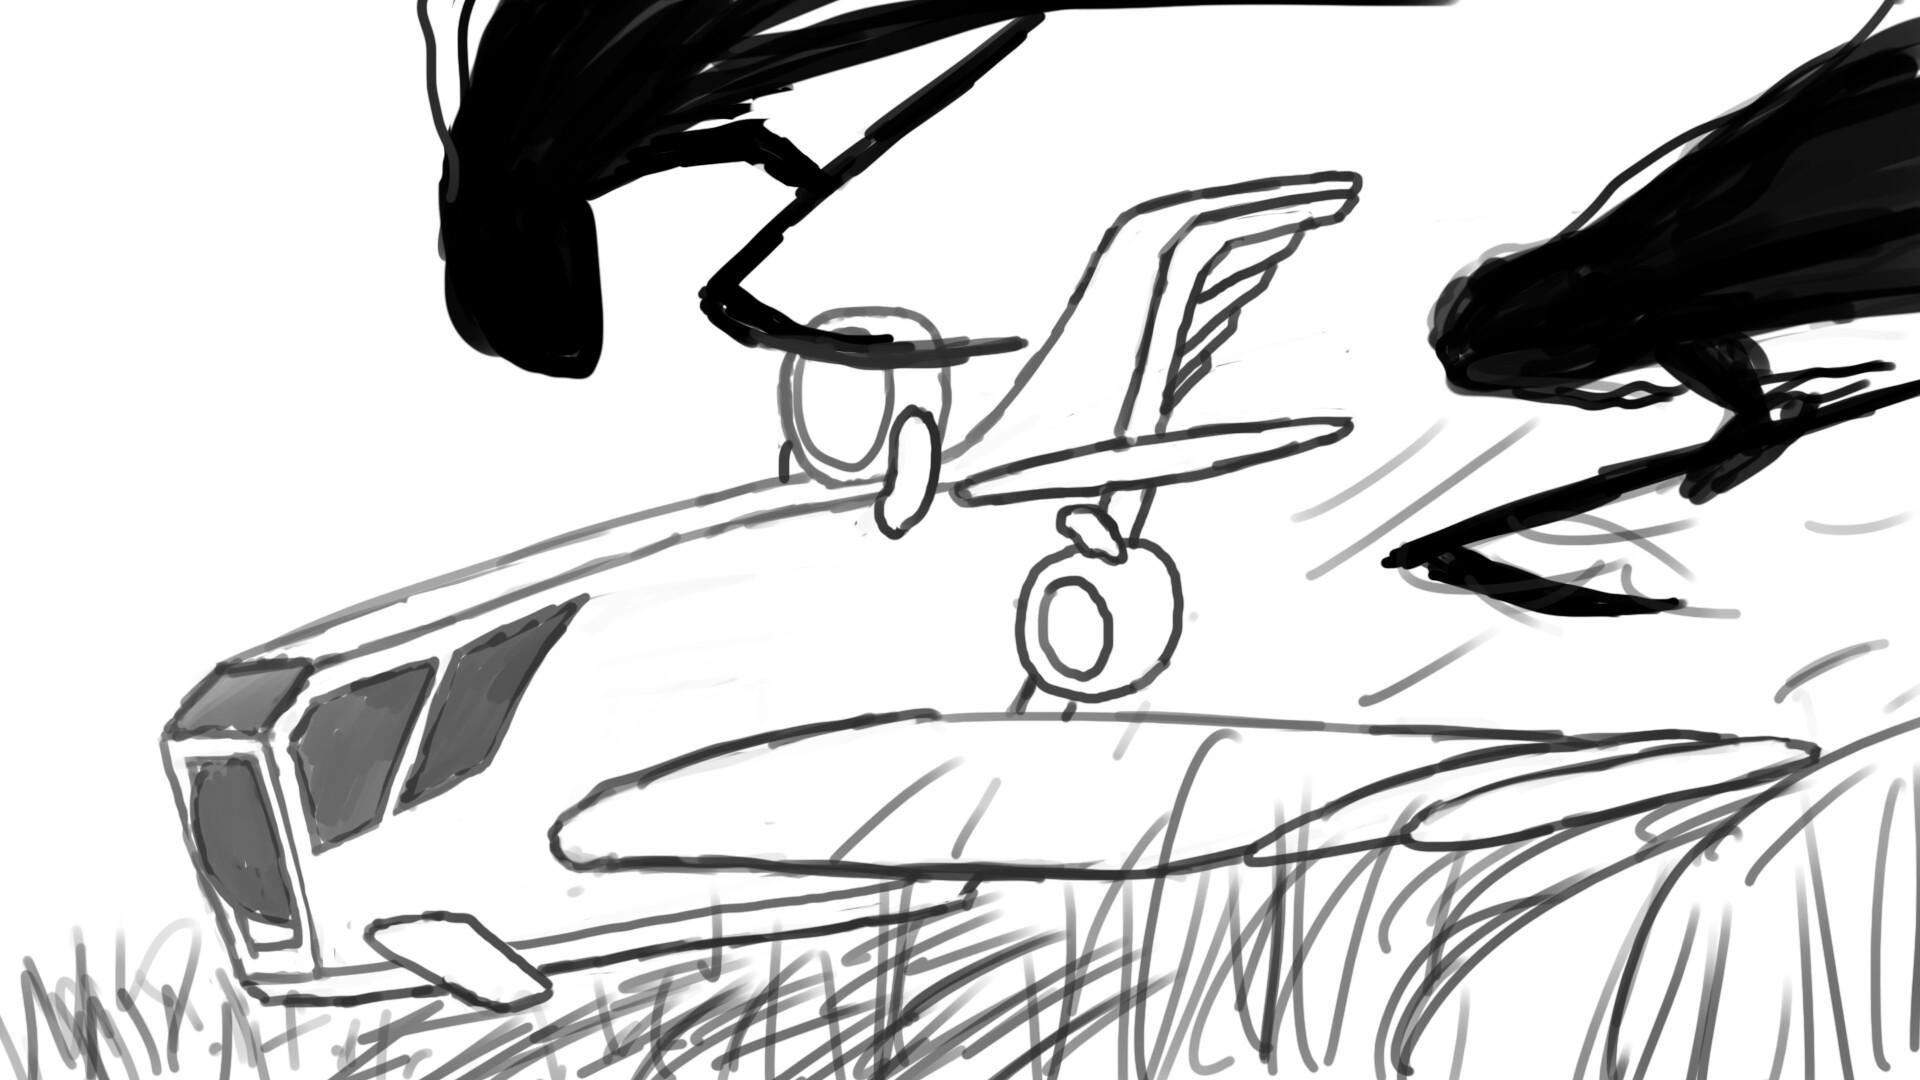 Alexander laheij drawing10 39